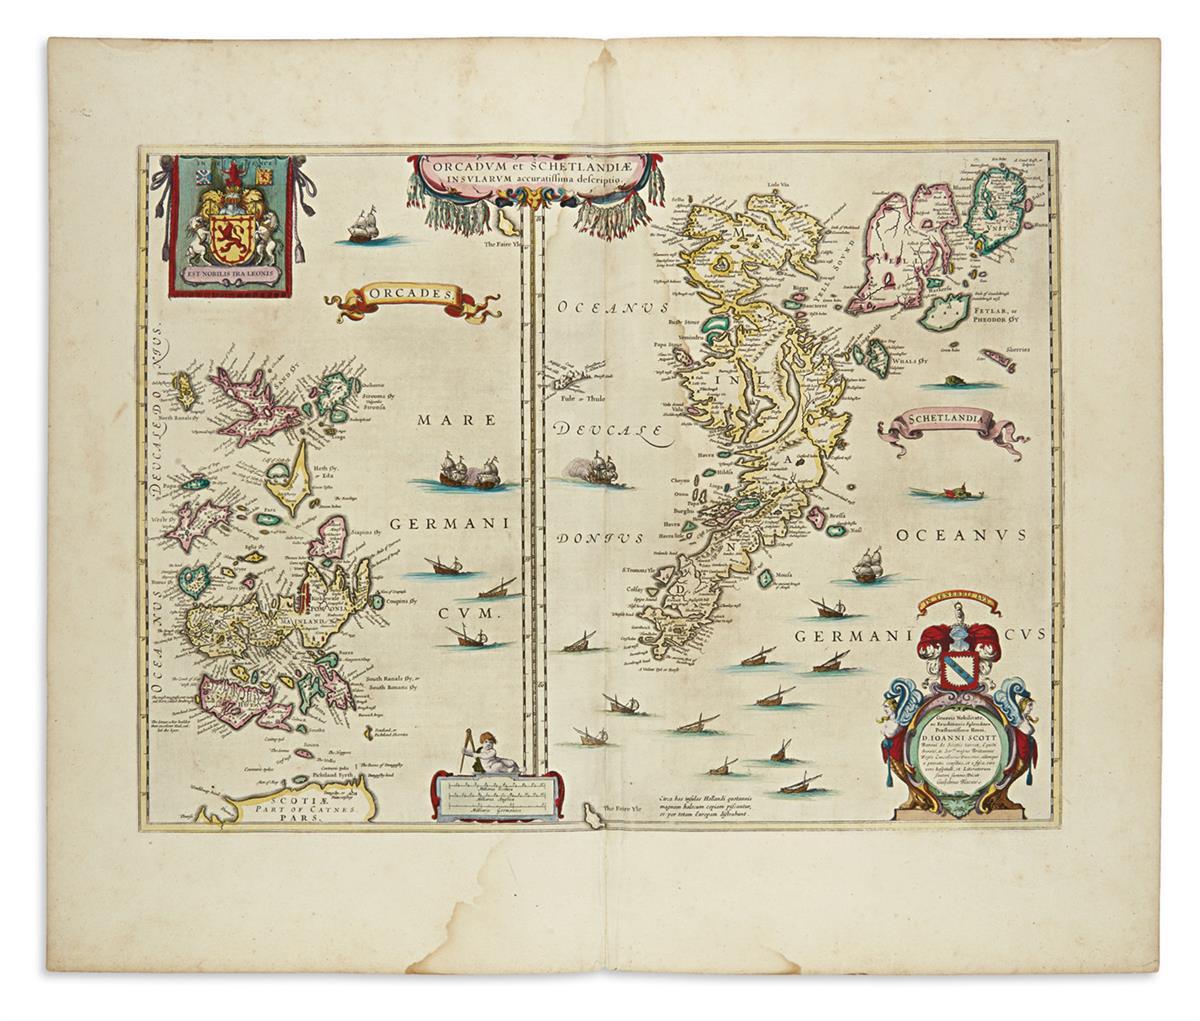 (SCOTLAND)-Blaeu-Willem-Orcandum-et-Schetlandiae-Insularum-A